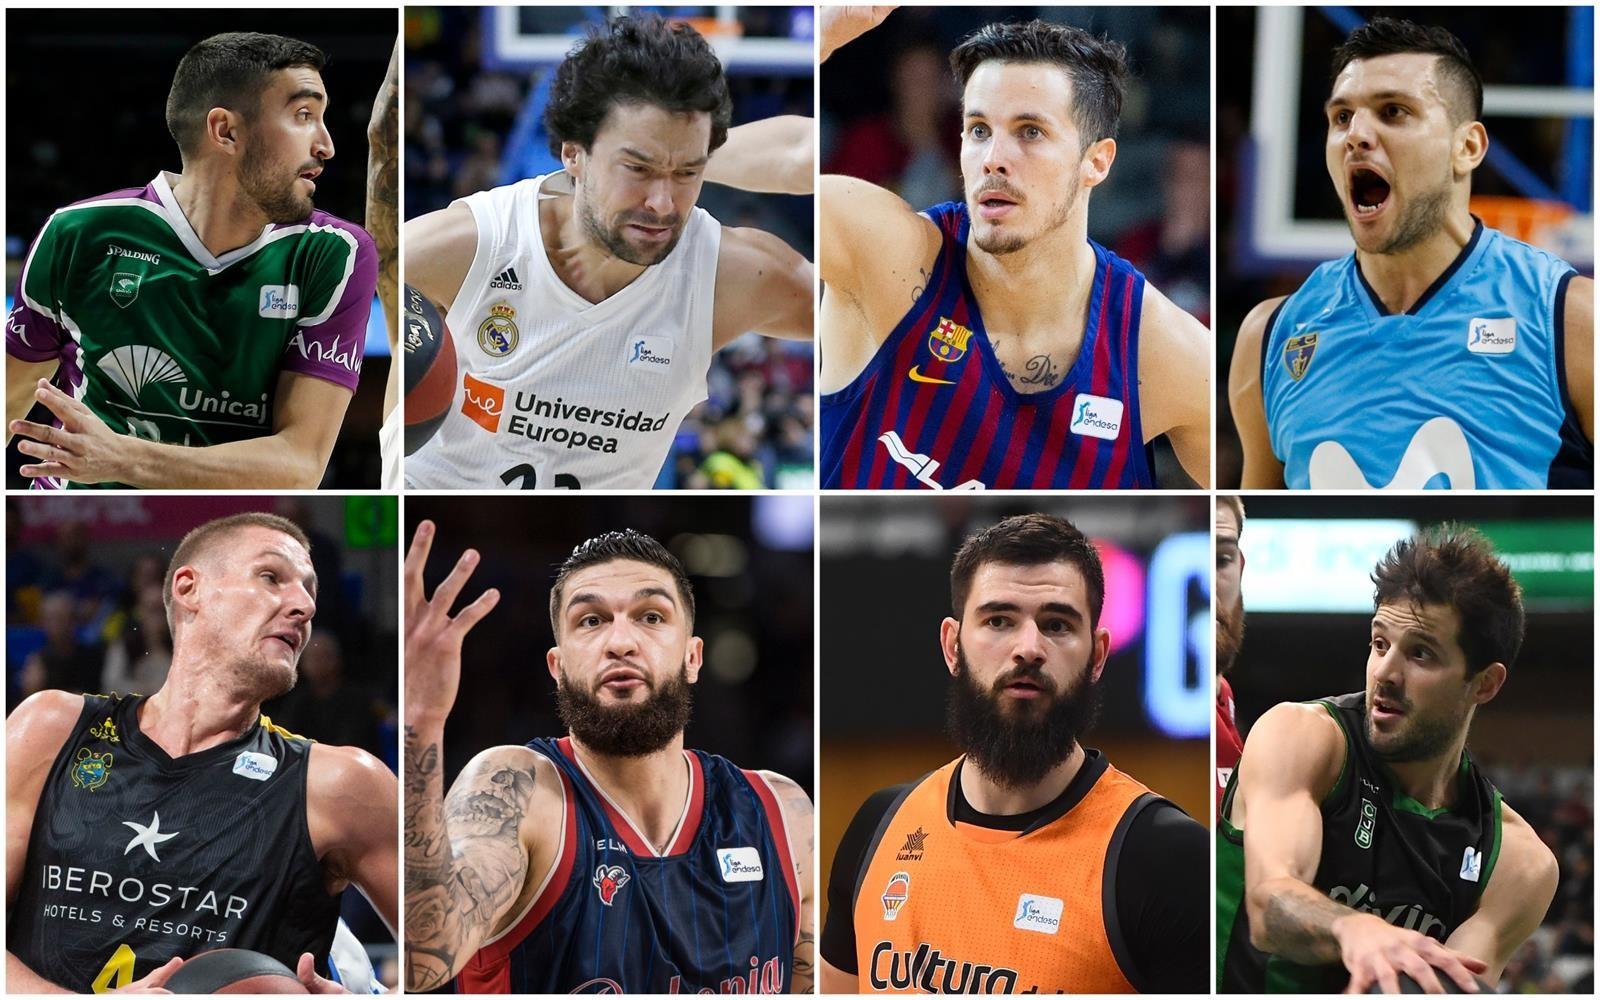 El Barça Lassa y el Real Madrid vuelven a partir como máximos aspirantes a  la gloria en la 83ª edición de la Copa del Rey de baloncesto 4b09c0b8d3b38